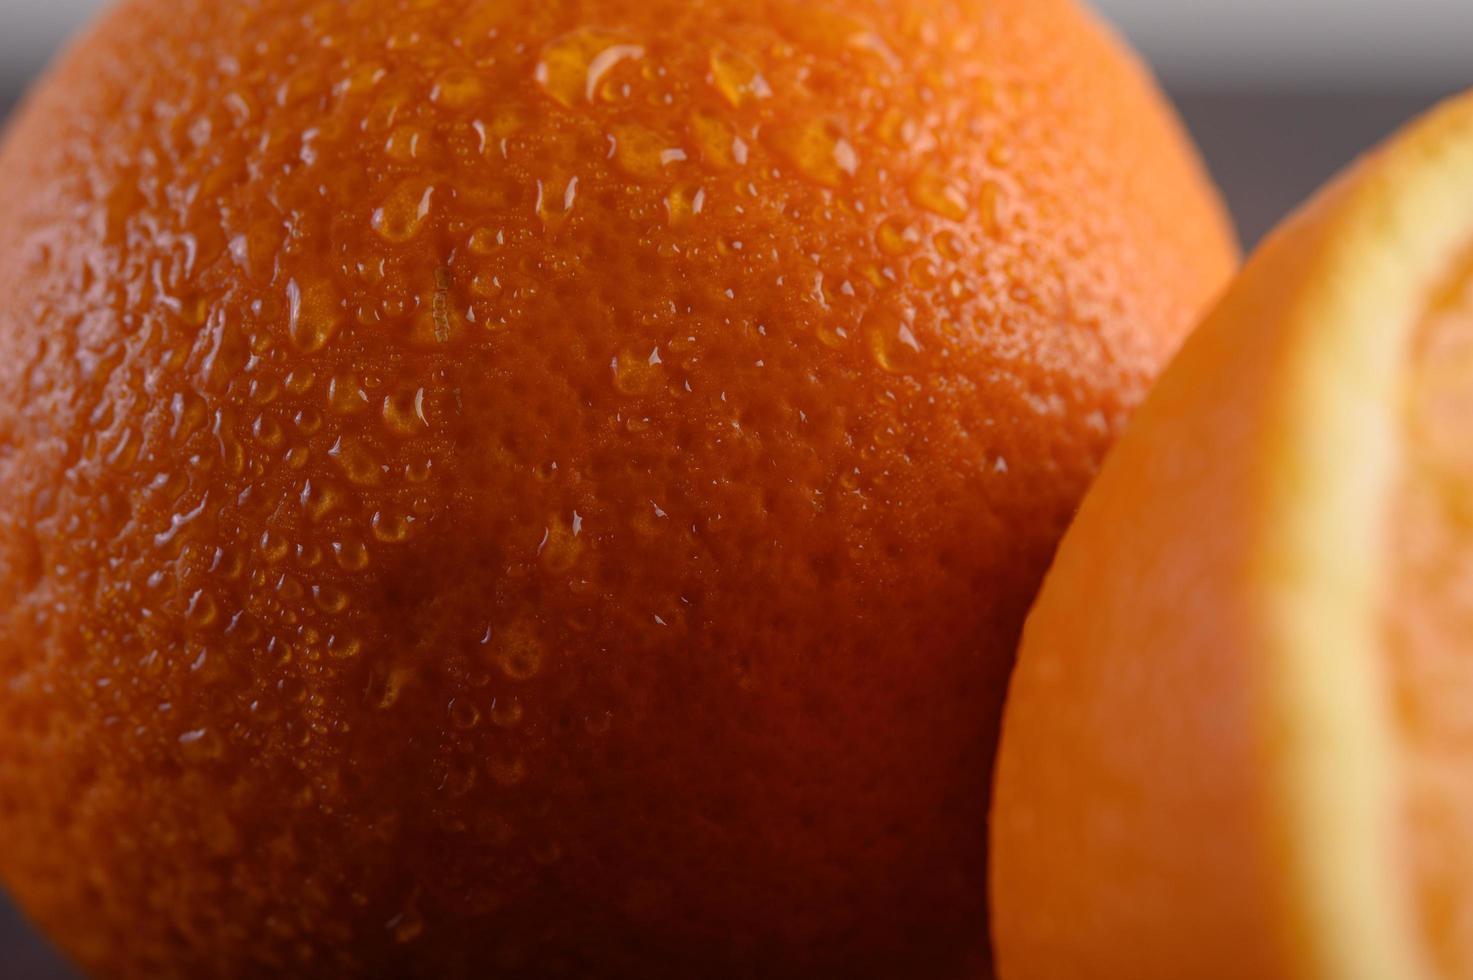 Makrobild von reifem Orange mit geringer Schärfentiefe foto